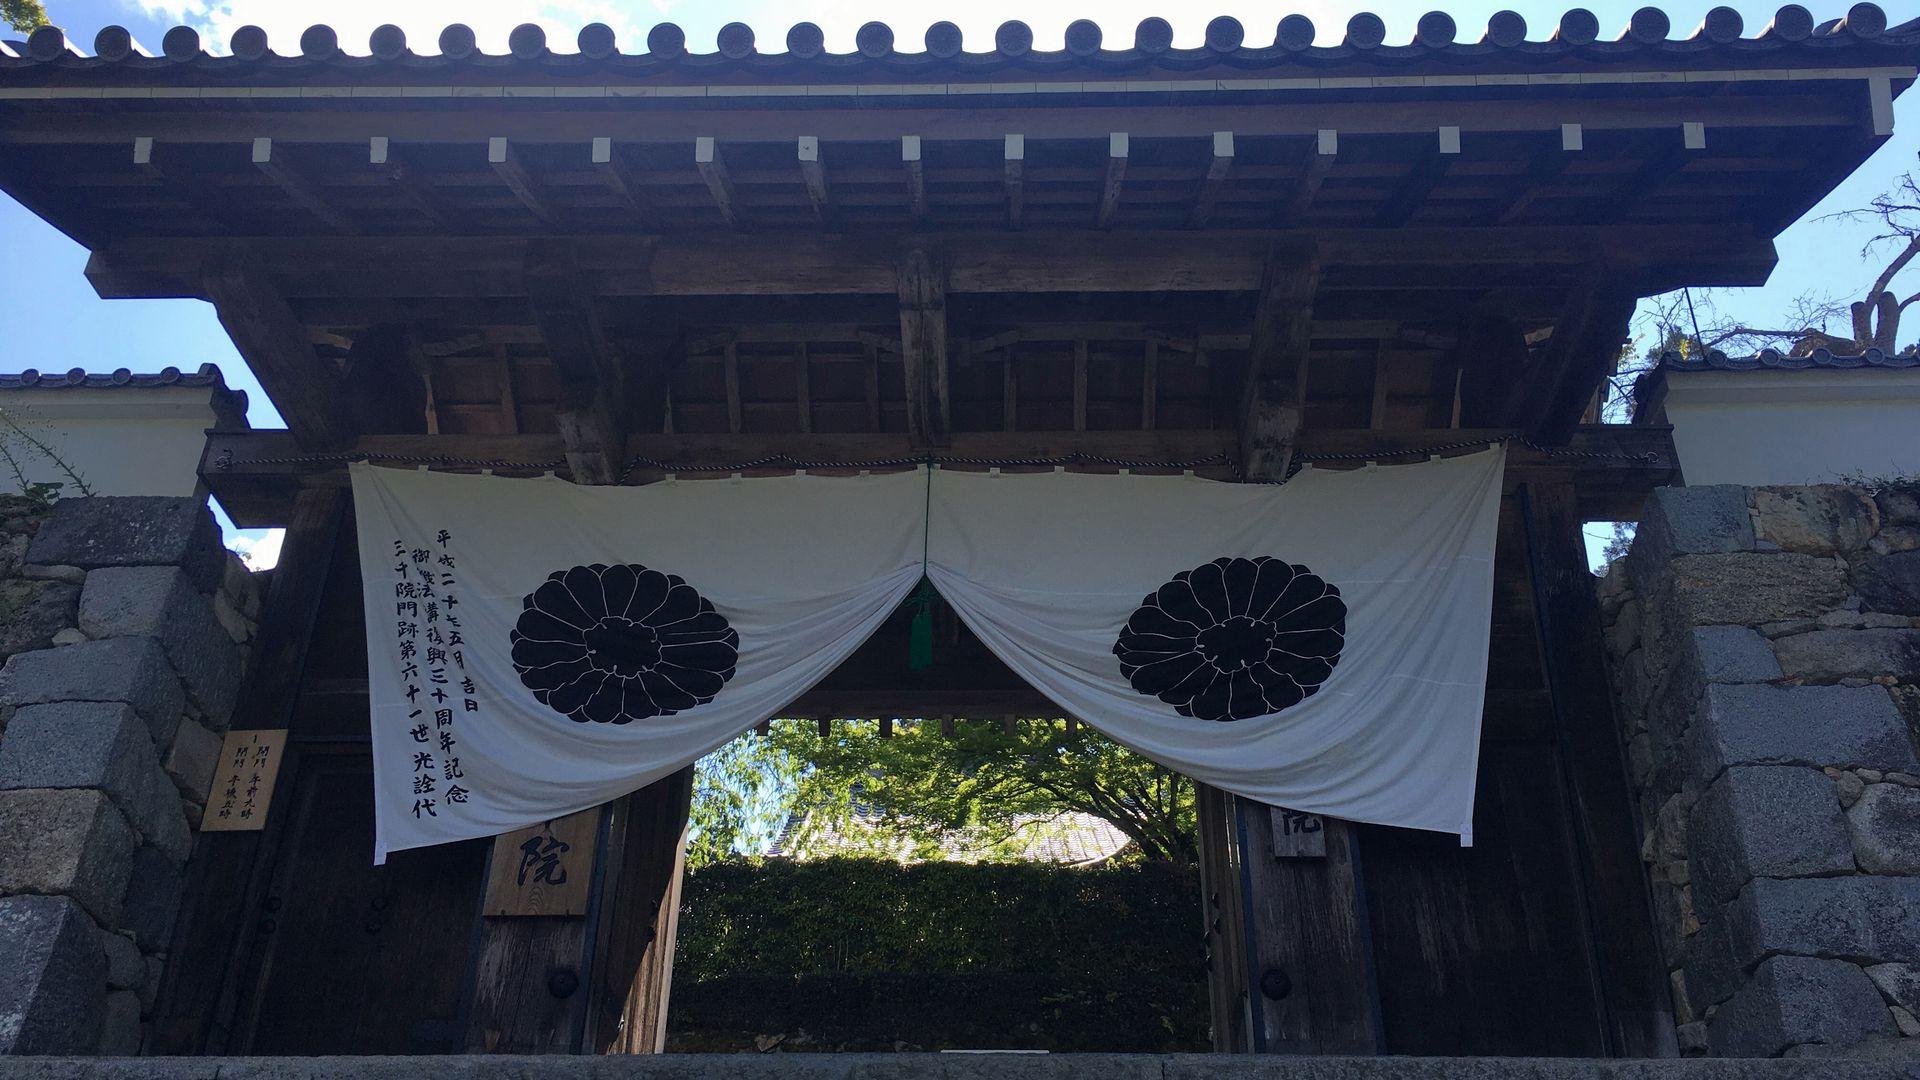 三千院-御殿門に掲げられる菊花紋